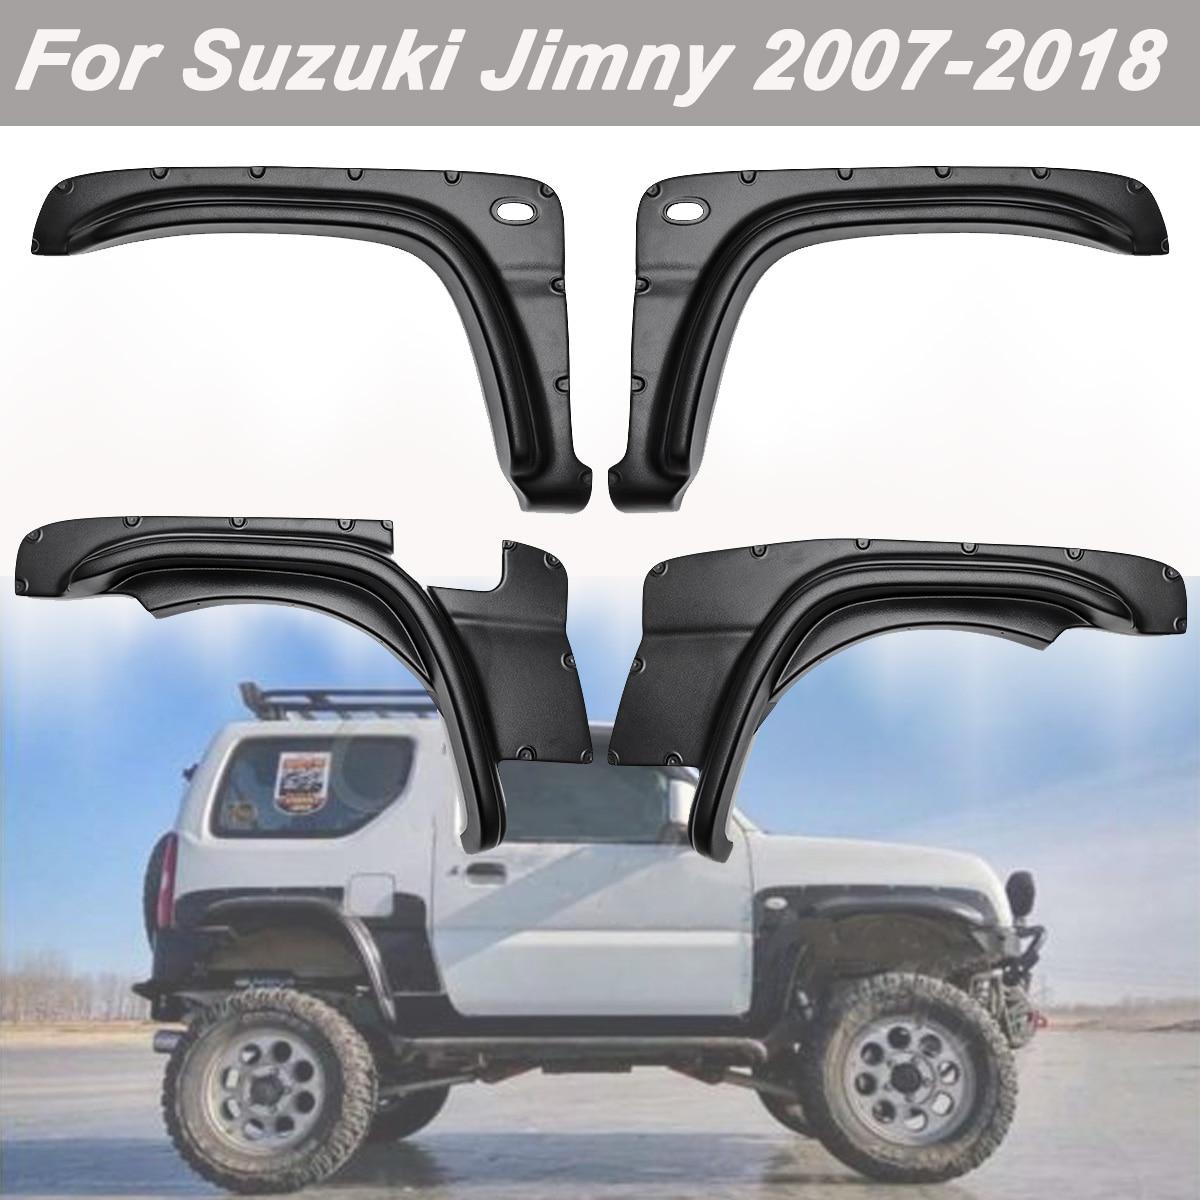 스즈키 지미에 대한 4 pcs 자동차 휠 눈썹 라운드 아크 펜더 머드 플랩 머드 가드 스플래쉬 가드 2007-2017